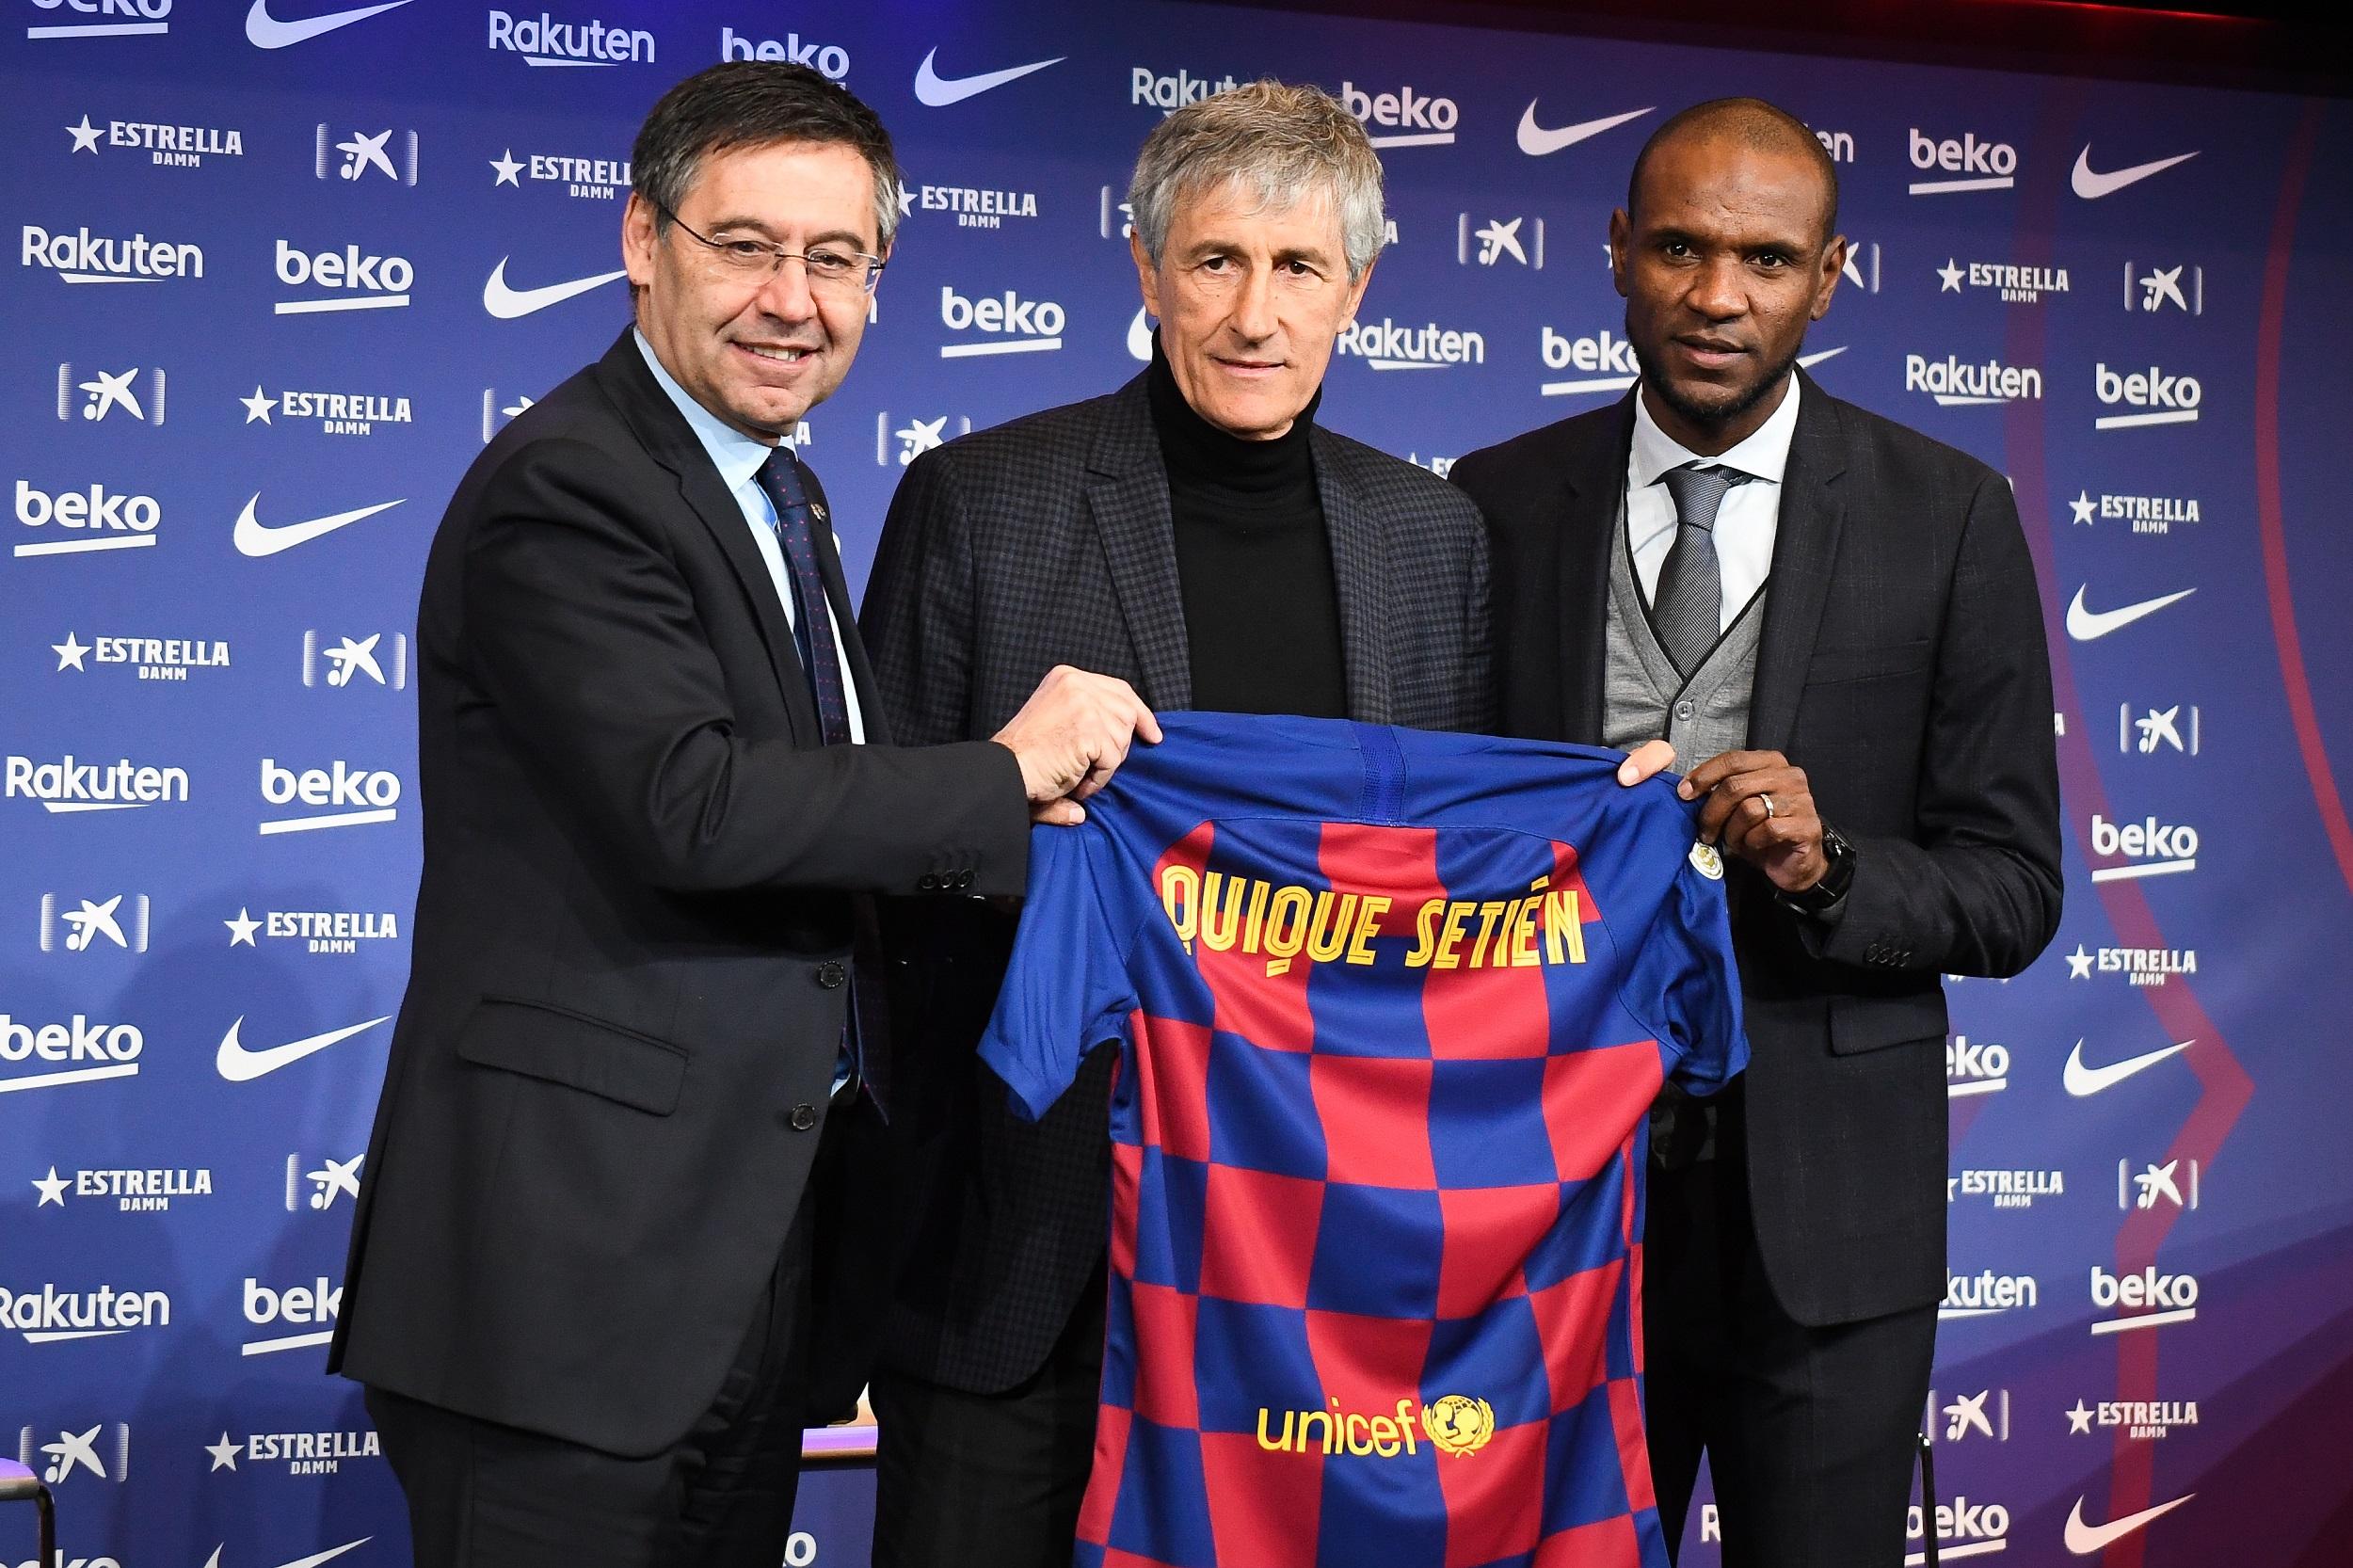 La présentation de Quique Setién au FC Barcelone